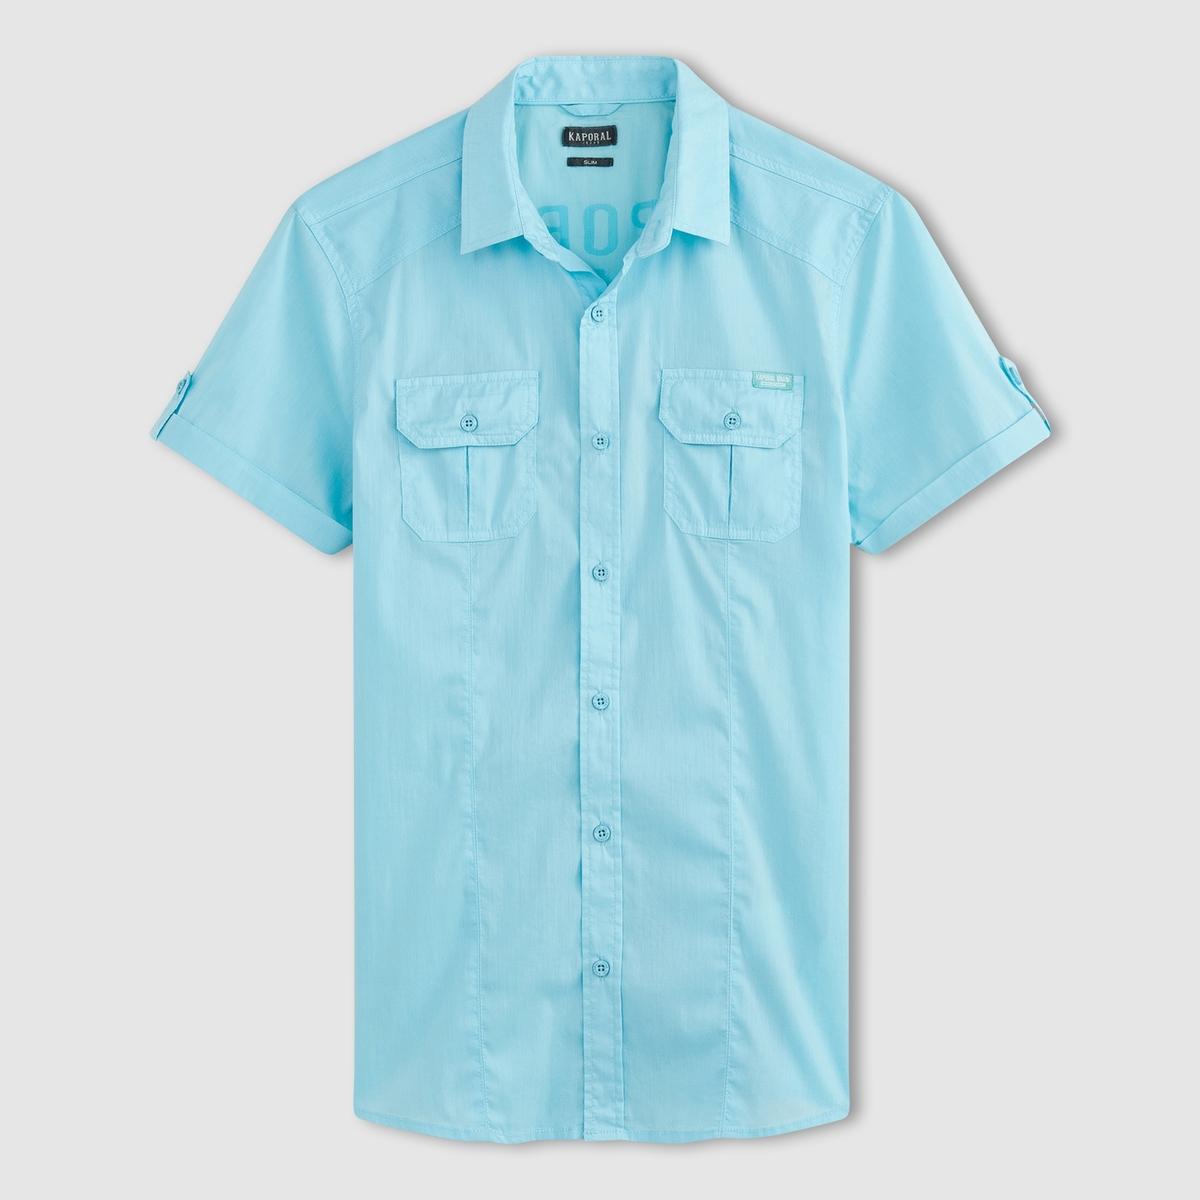 Рубашка с короткими рукавамиРубашка с короткими рукавами, FARC - KAPORAL. Прямой покрой и классический воротник со свободными уголками. 2 нагрудных кармана с клапаном на пуговице. Рукава с отворотами и планкой-застежкой на пуговицу. Принт KAPORAL сзади. Состав и описаниеМатериал: 67% хлопка, 28% полиамида, 5% эластана.Марка: KAPORAL.<br><br>Цвет: коралловый,синий,черный